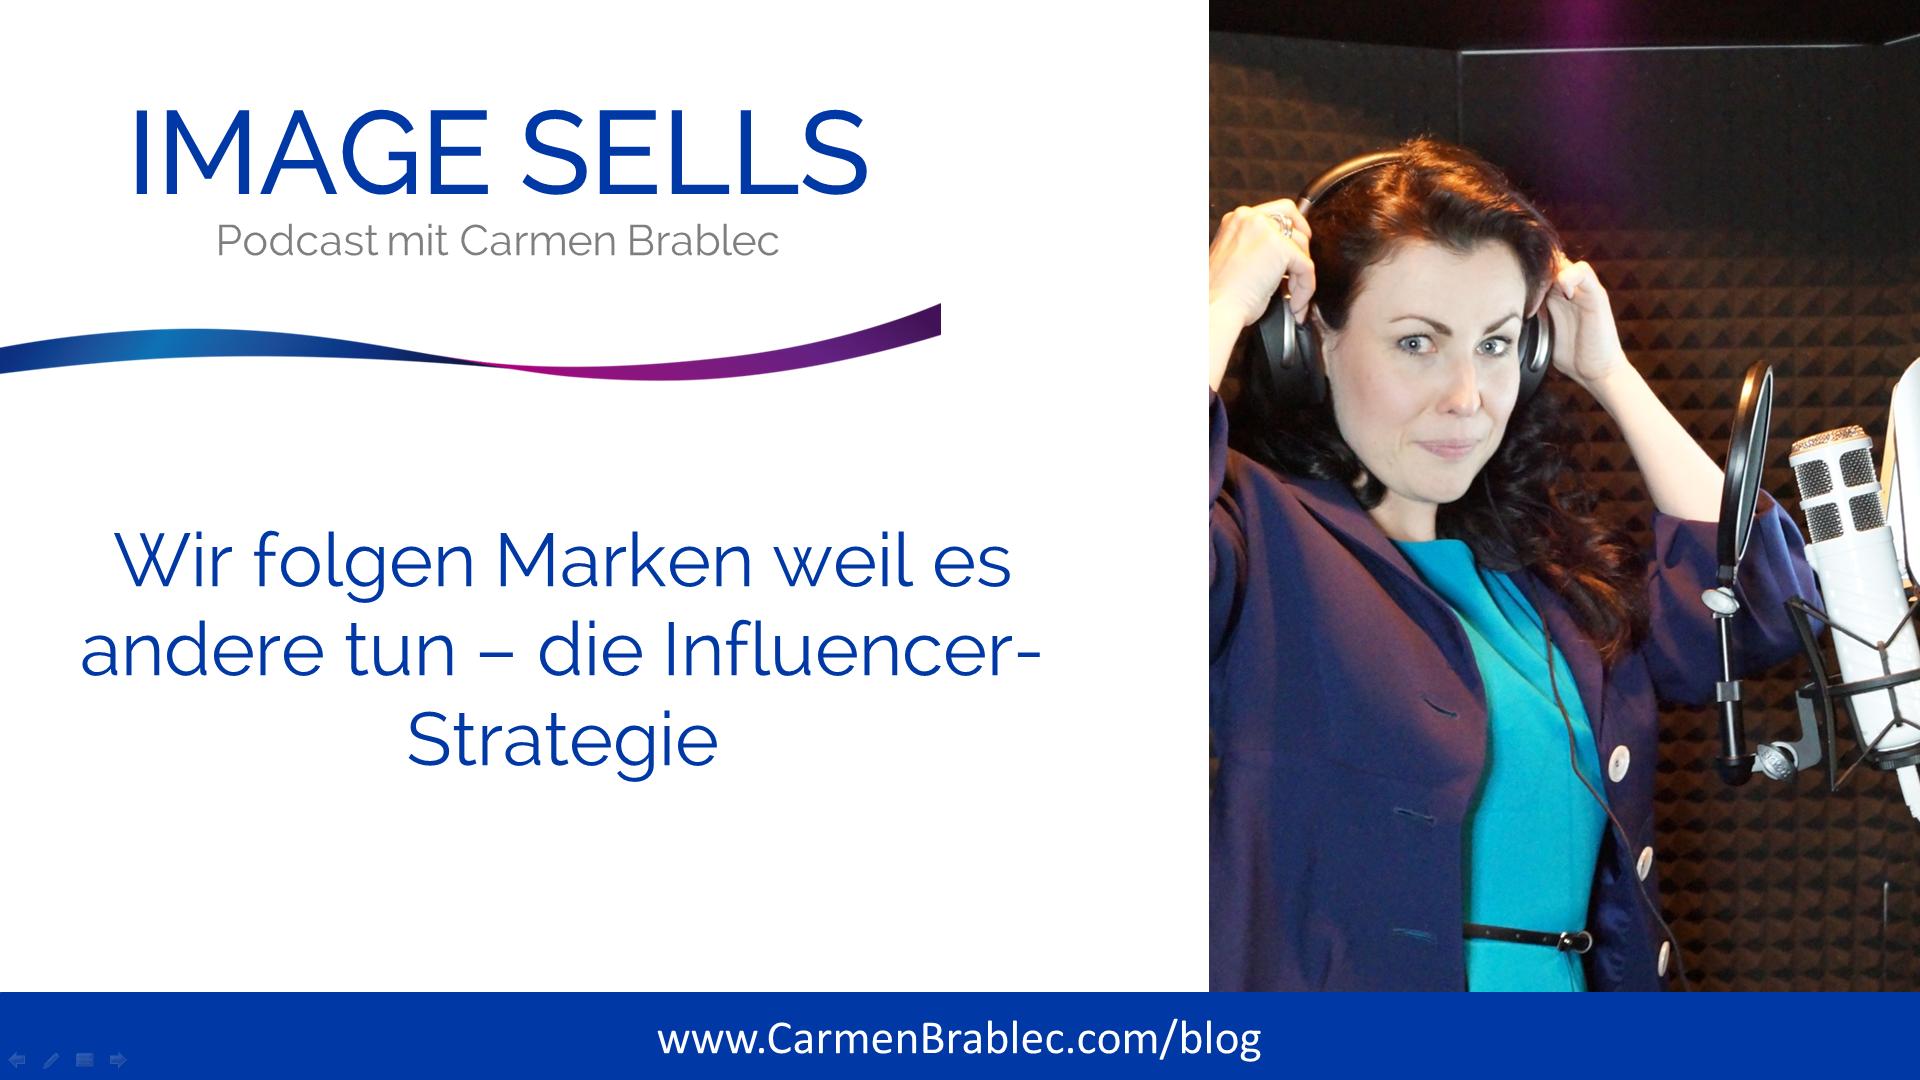 Wir folgen Marken weil es andere tun – Die Influencer-Strategie – ISP #003